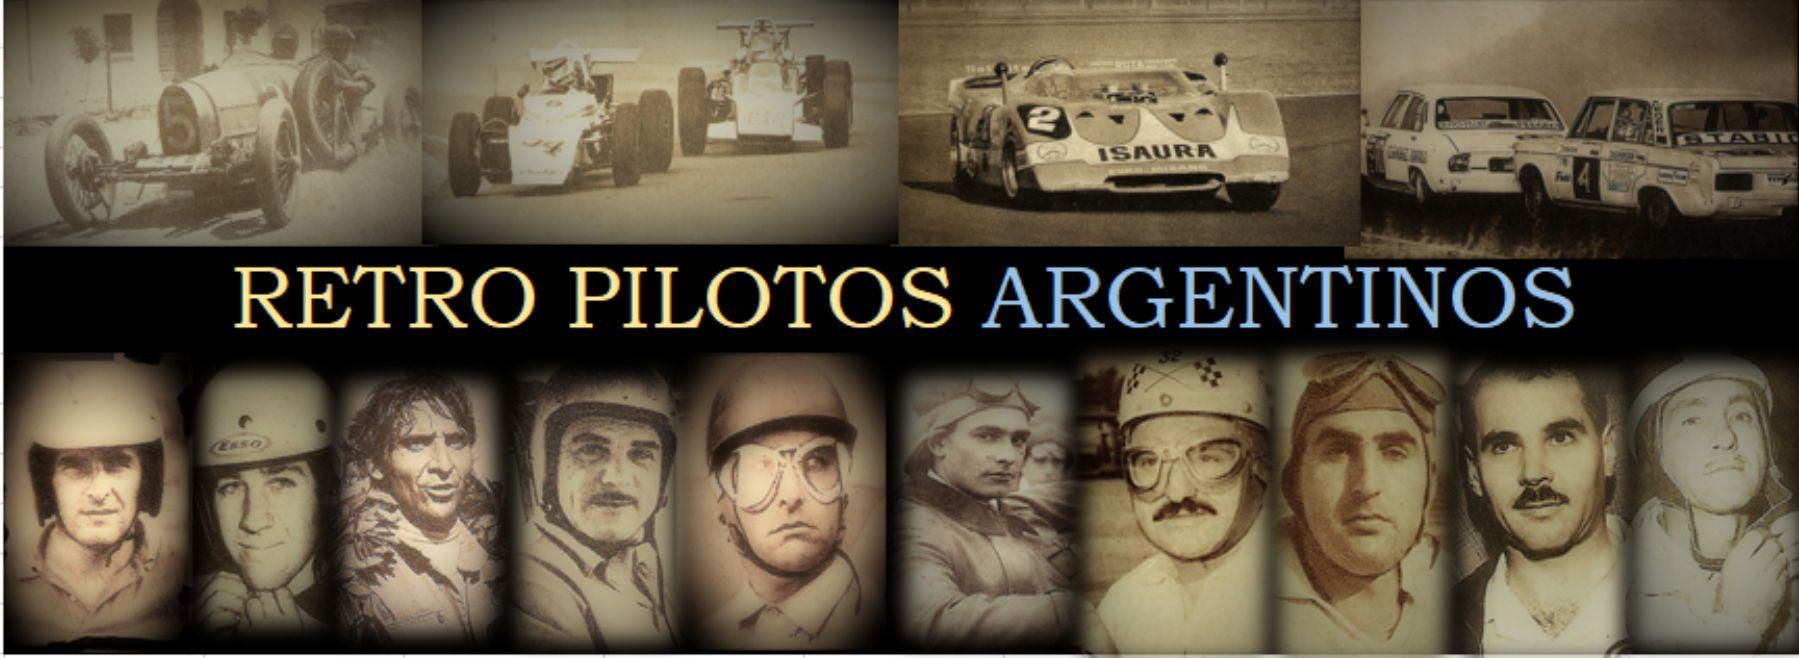 Retro Pilotos Argentinos